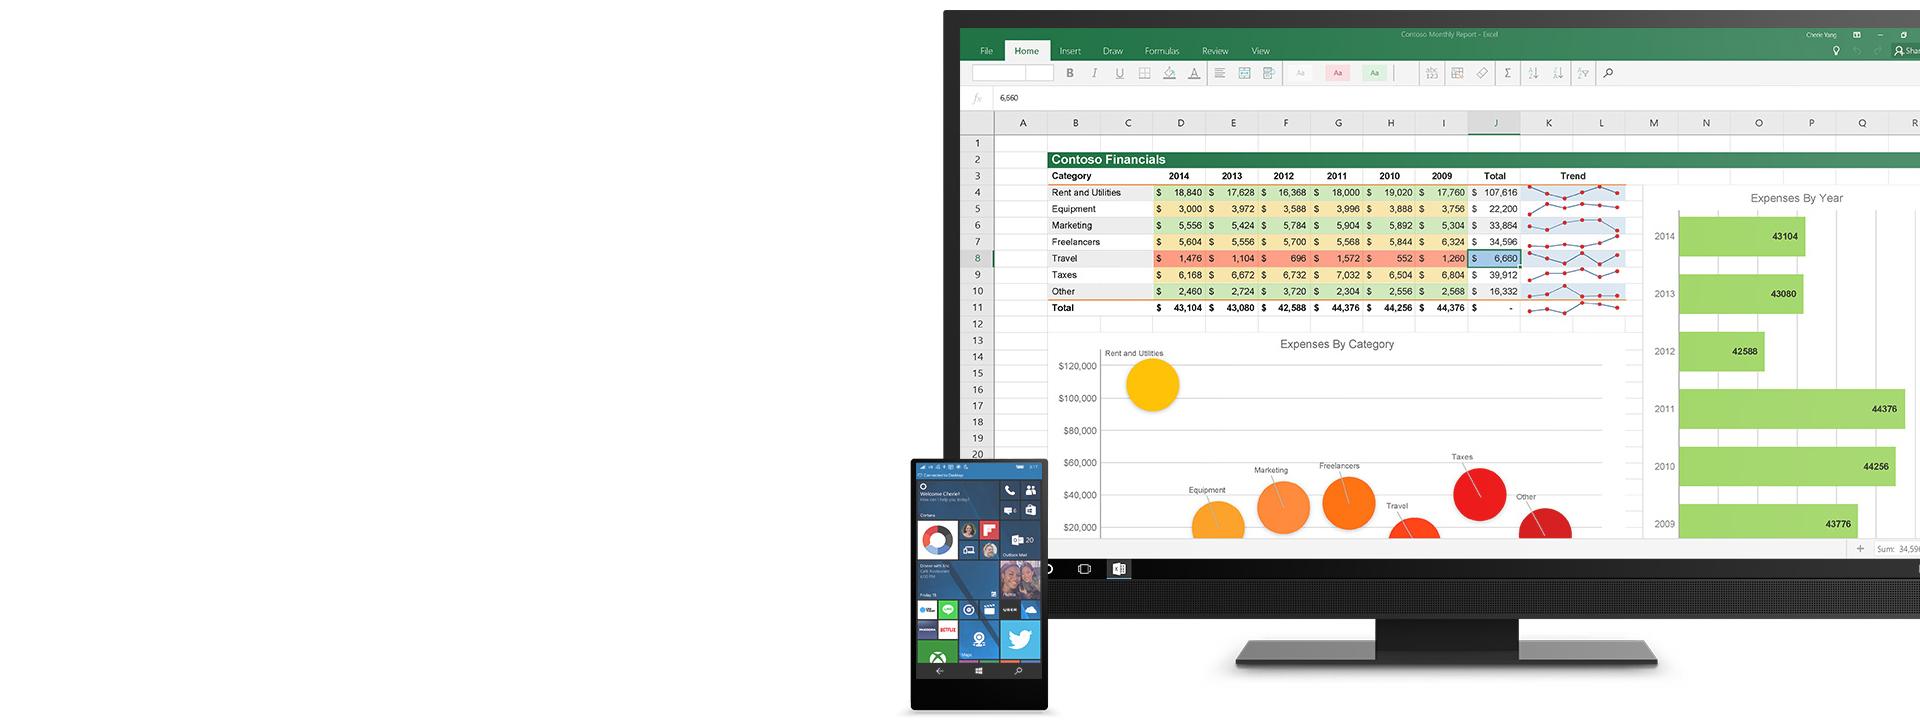 : Başlat menüsünde Continuum'un etkin olduğu Windows 10 kişisel bilgisayarı ve telefonu